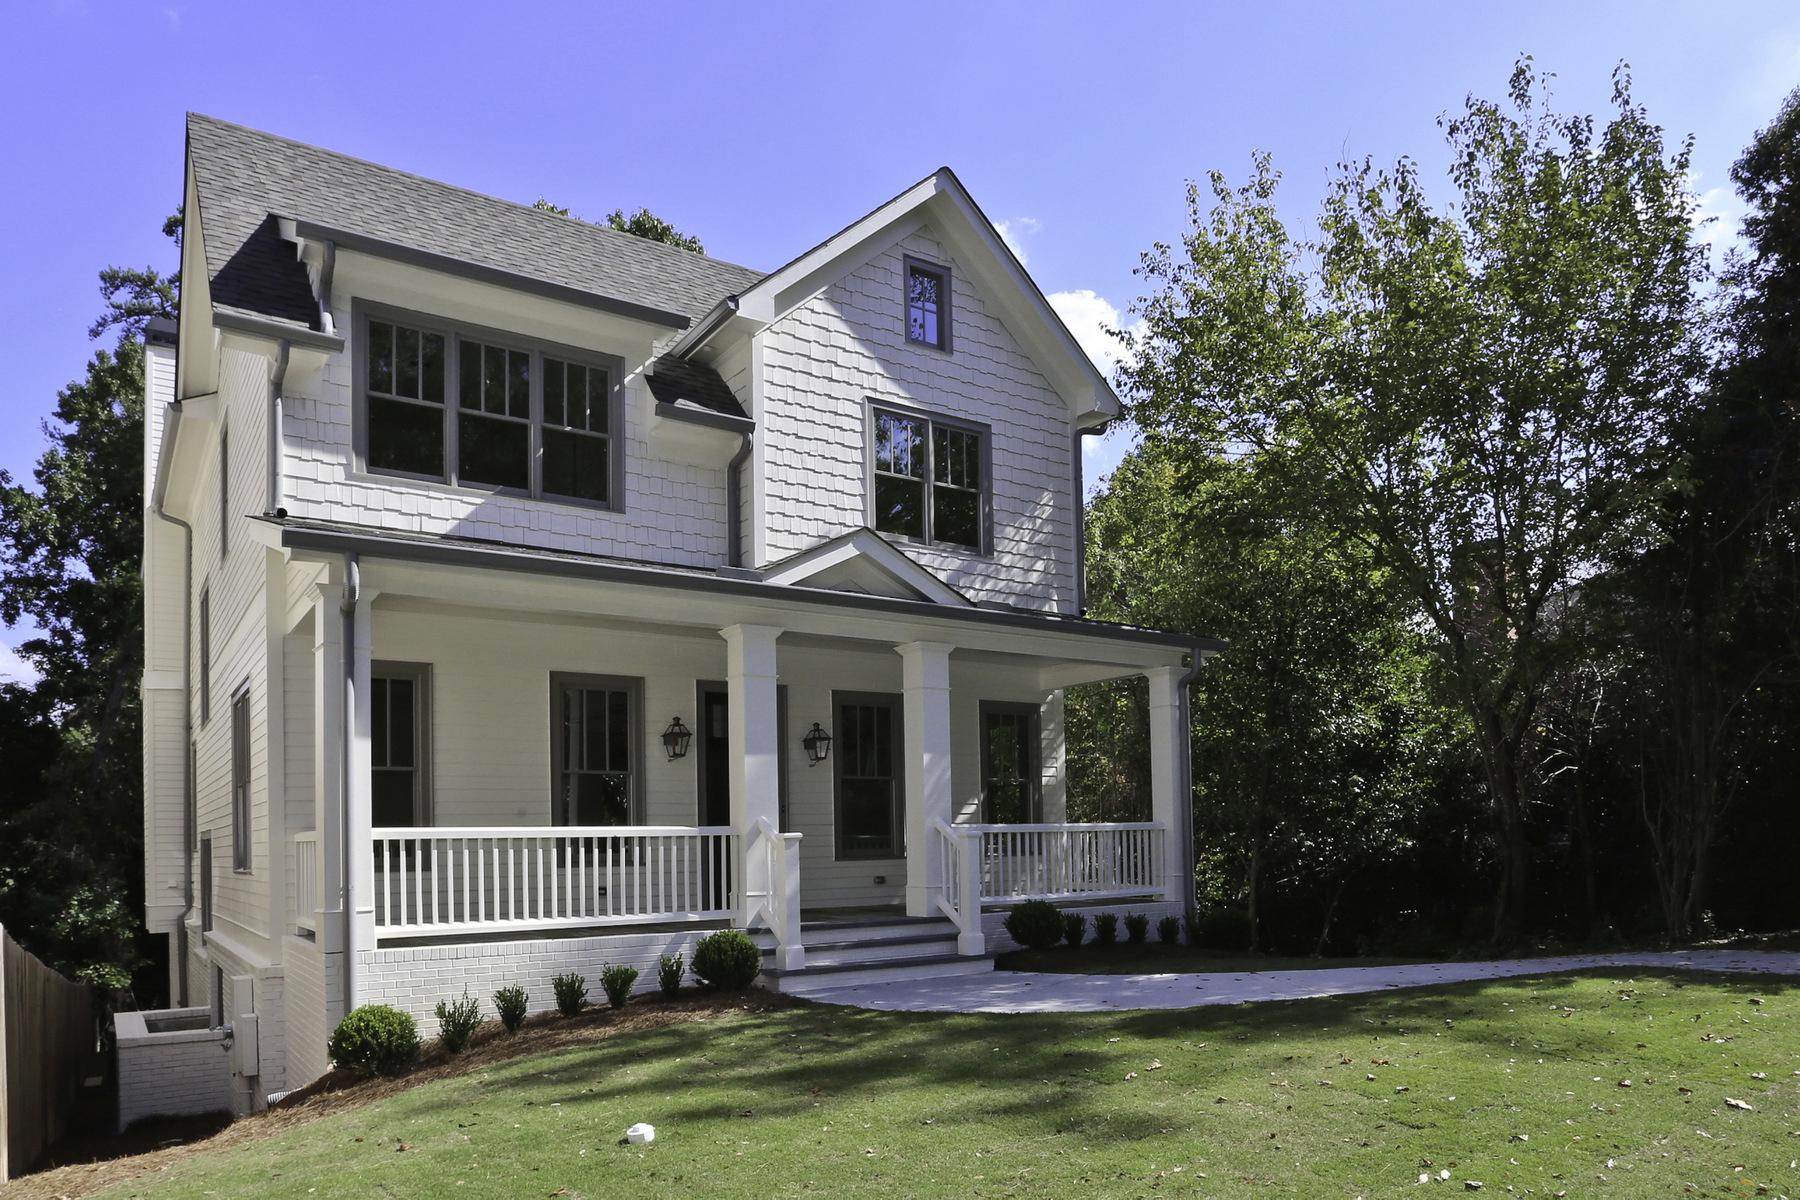 Maison unifamiliale pour l Vente à New Luxury Home in a hot new home area of Garden Hills 2963 Lookout Place NE Garden Hills, Atlanta, Georgia, 30305 États-Unis